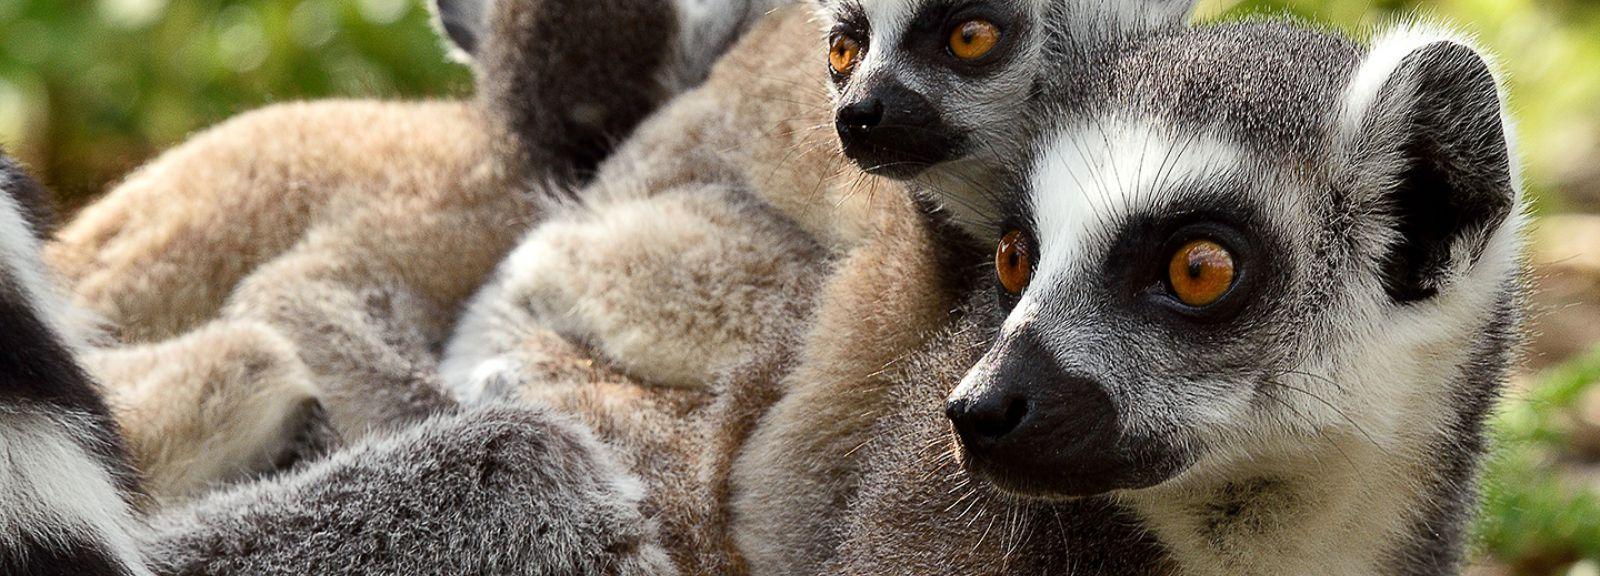 Femelle maki catta et ses petits © MNHN - F-G Grandin